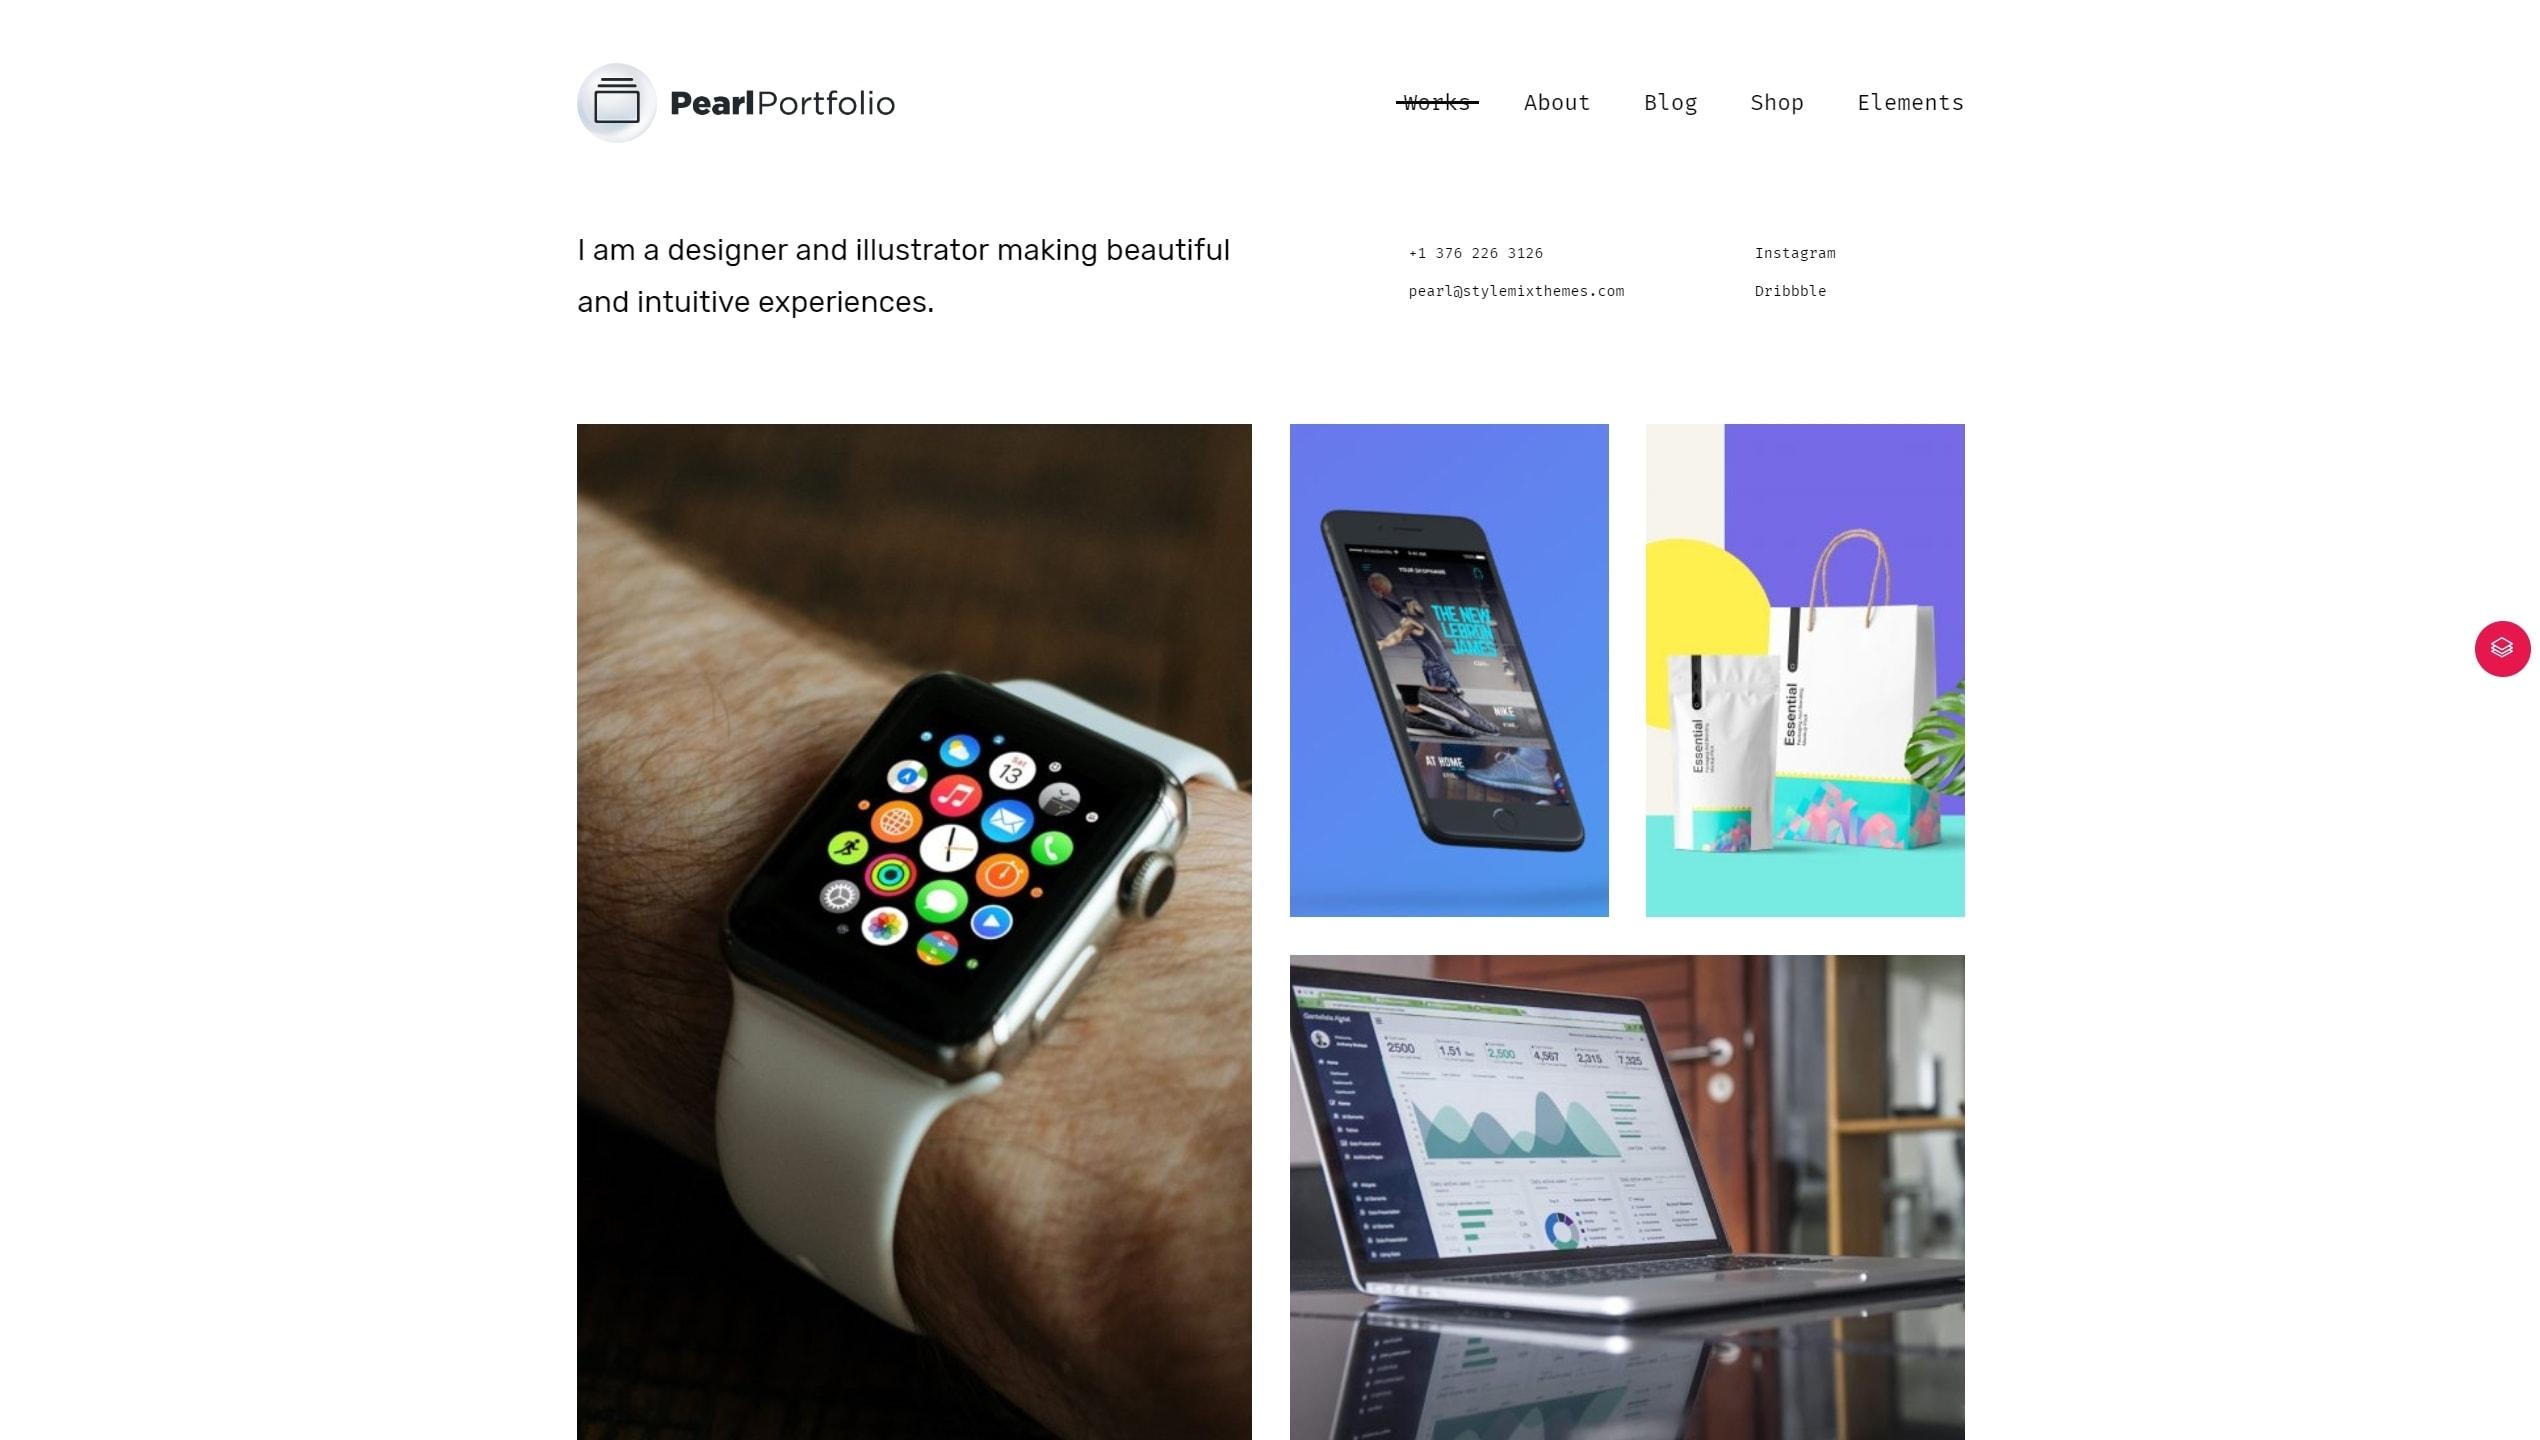 Лучшие шаблоны WordPress для портфолио с образцами и красивыми галереями